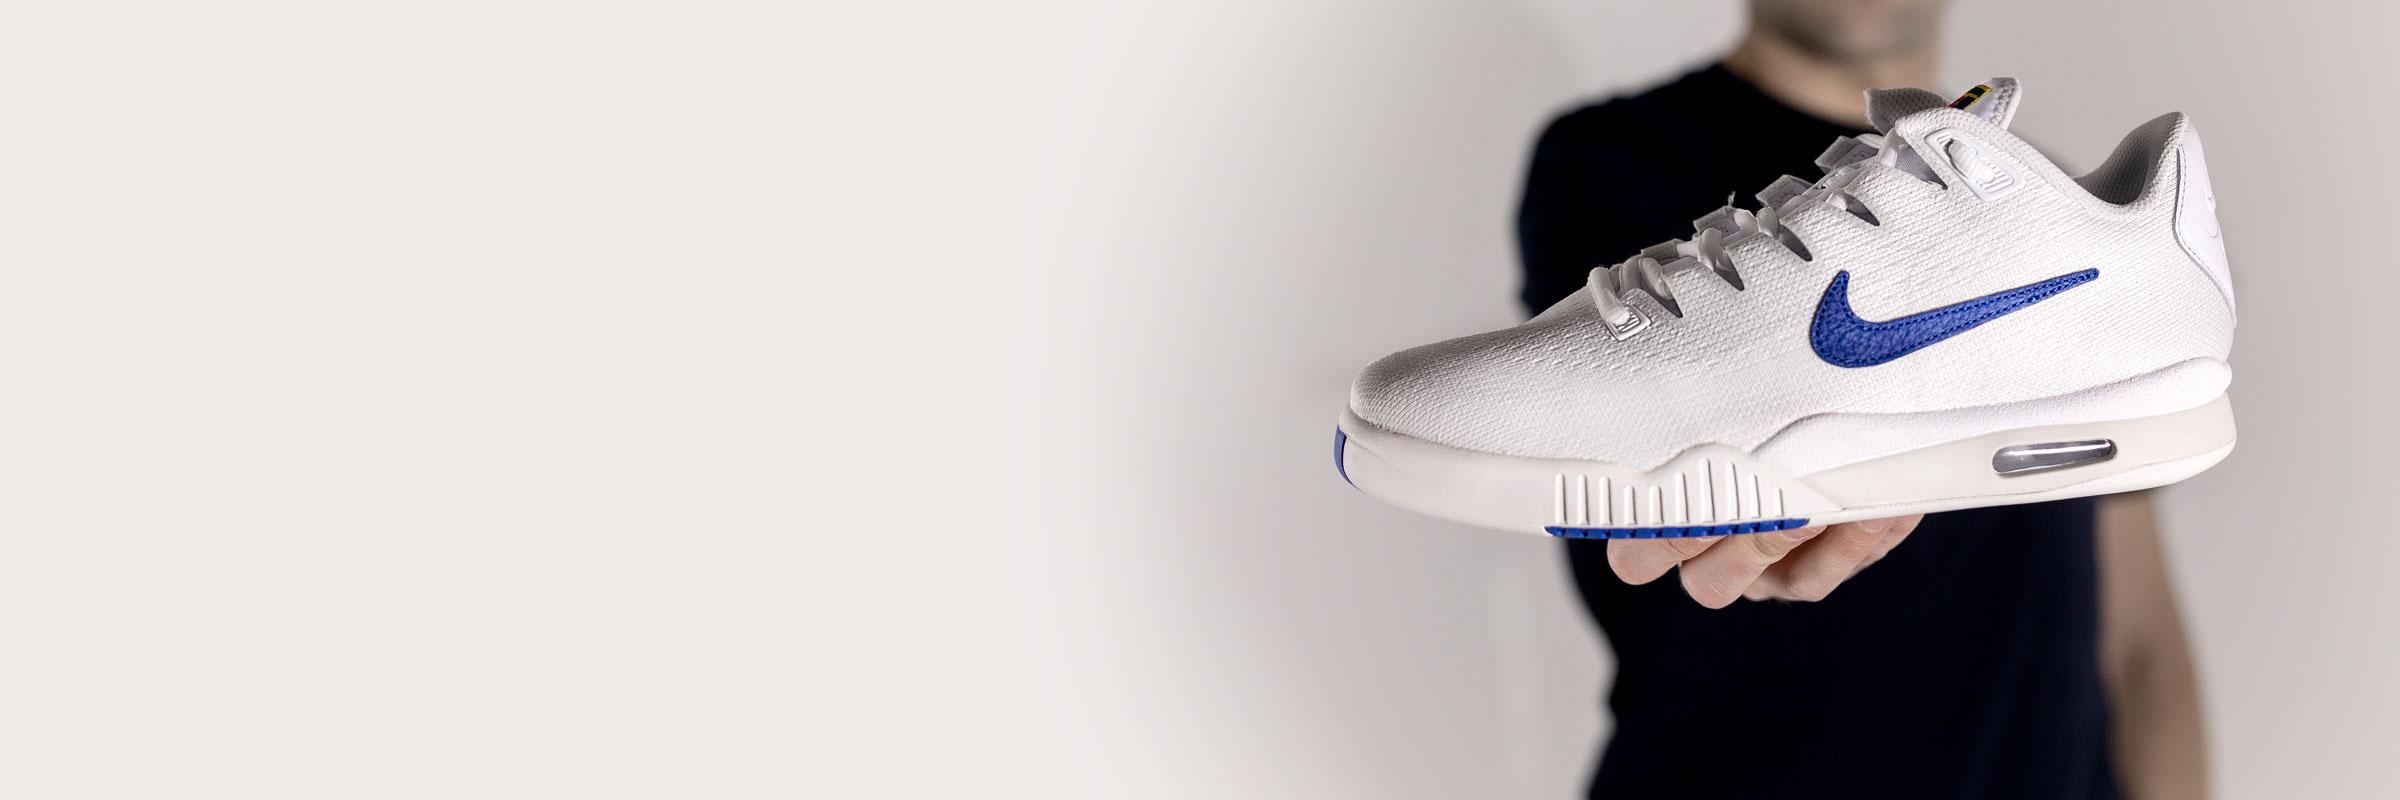 Nike Vapor X Tech Challenge Knit